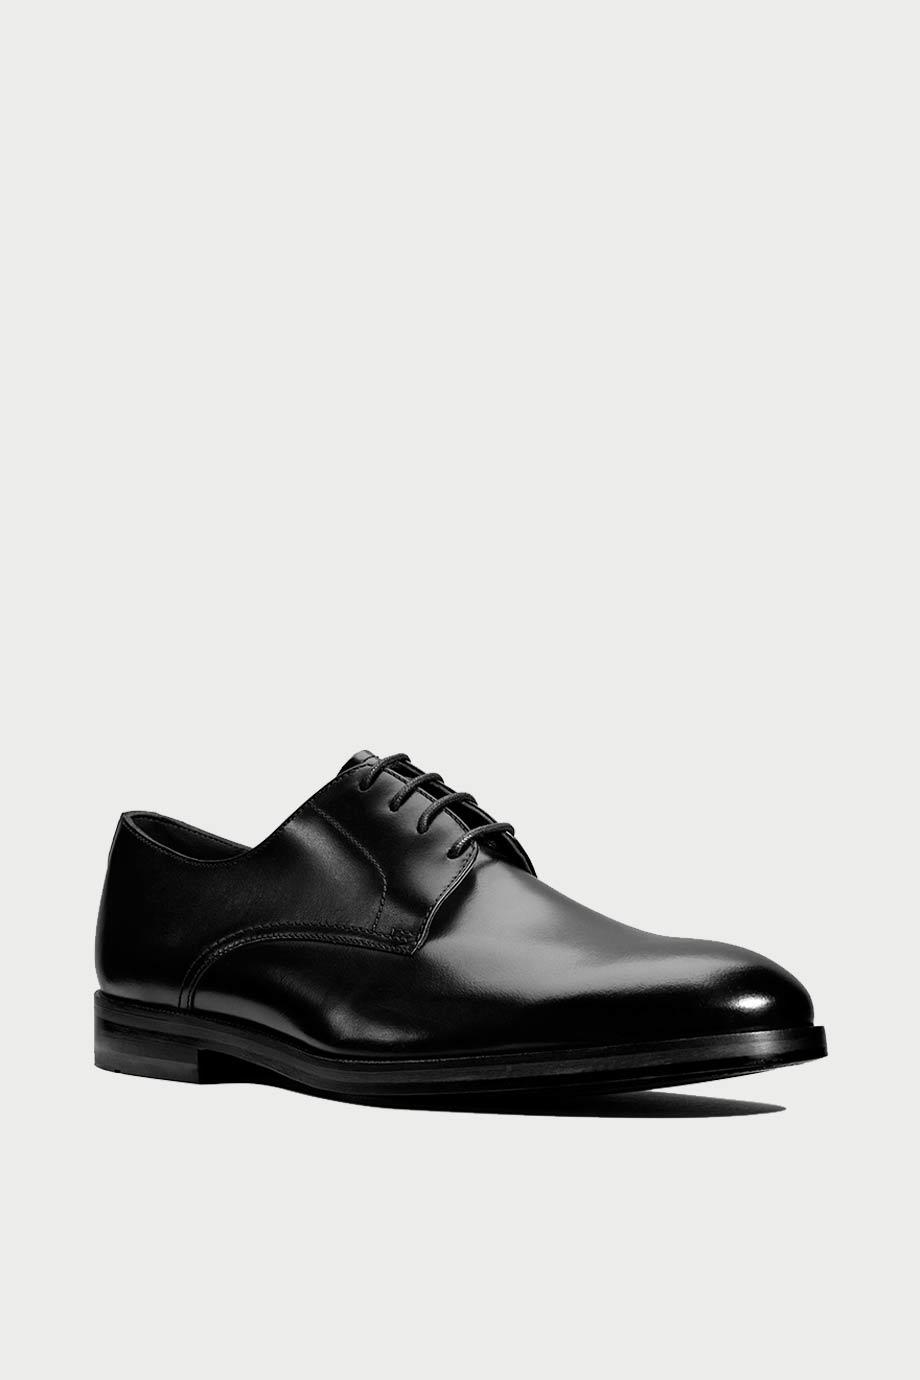 spiridoula metheniti shoes xalkida p oliver lace black leather clarks 2